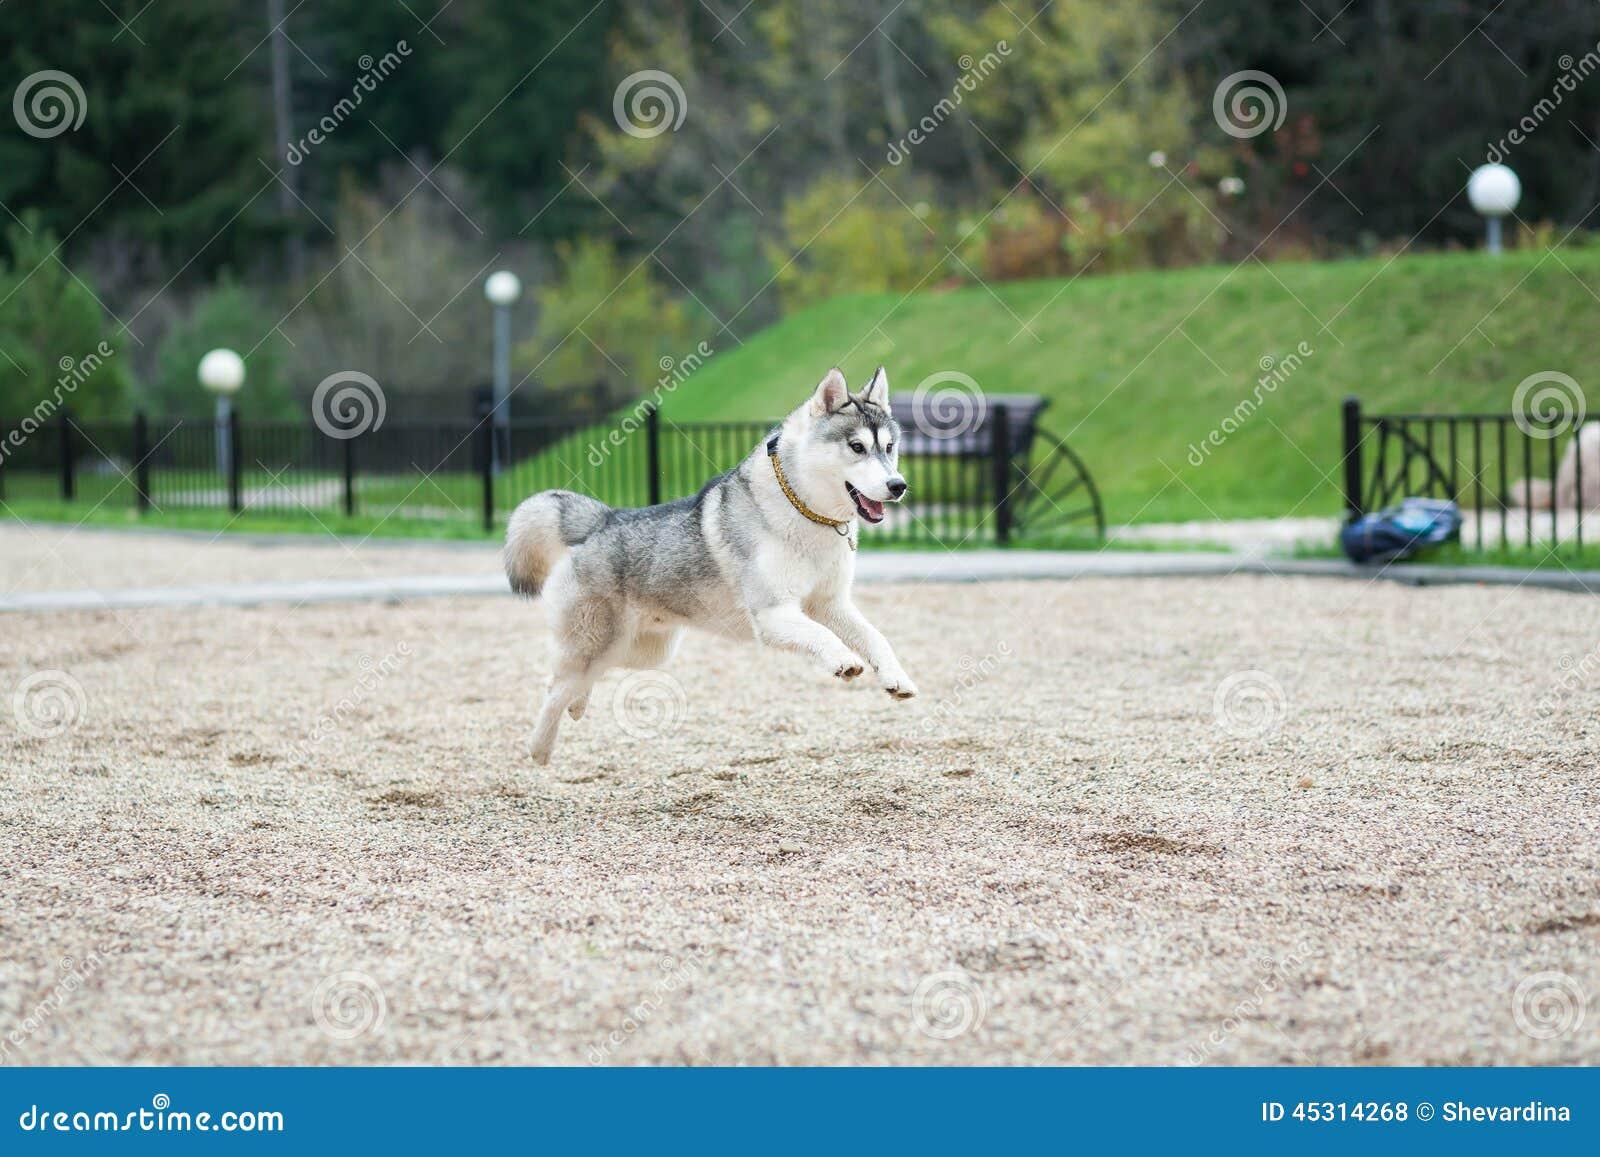 Salto del perro esquimal